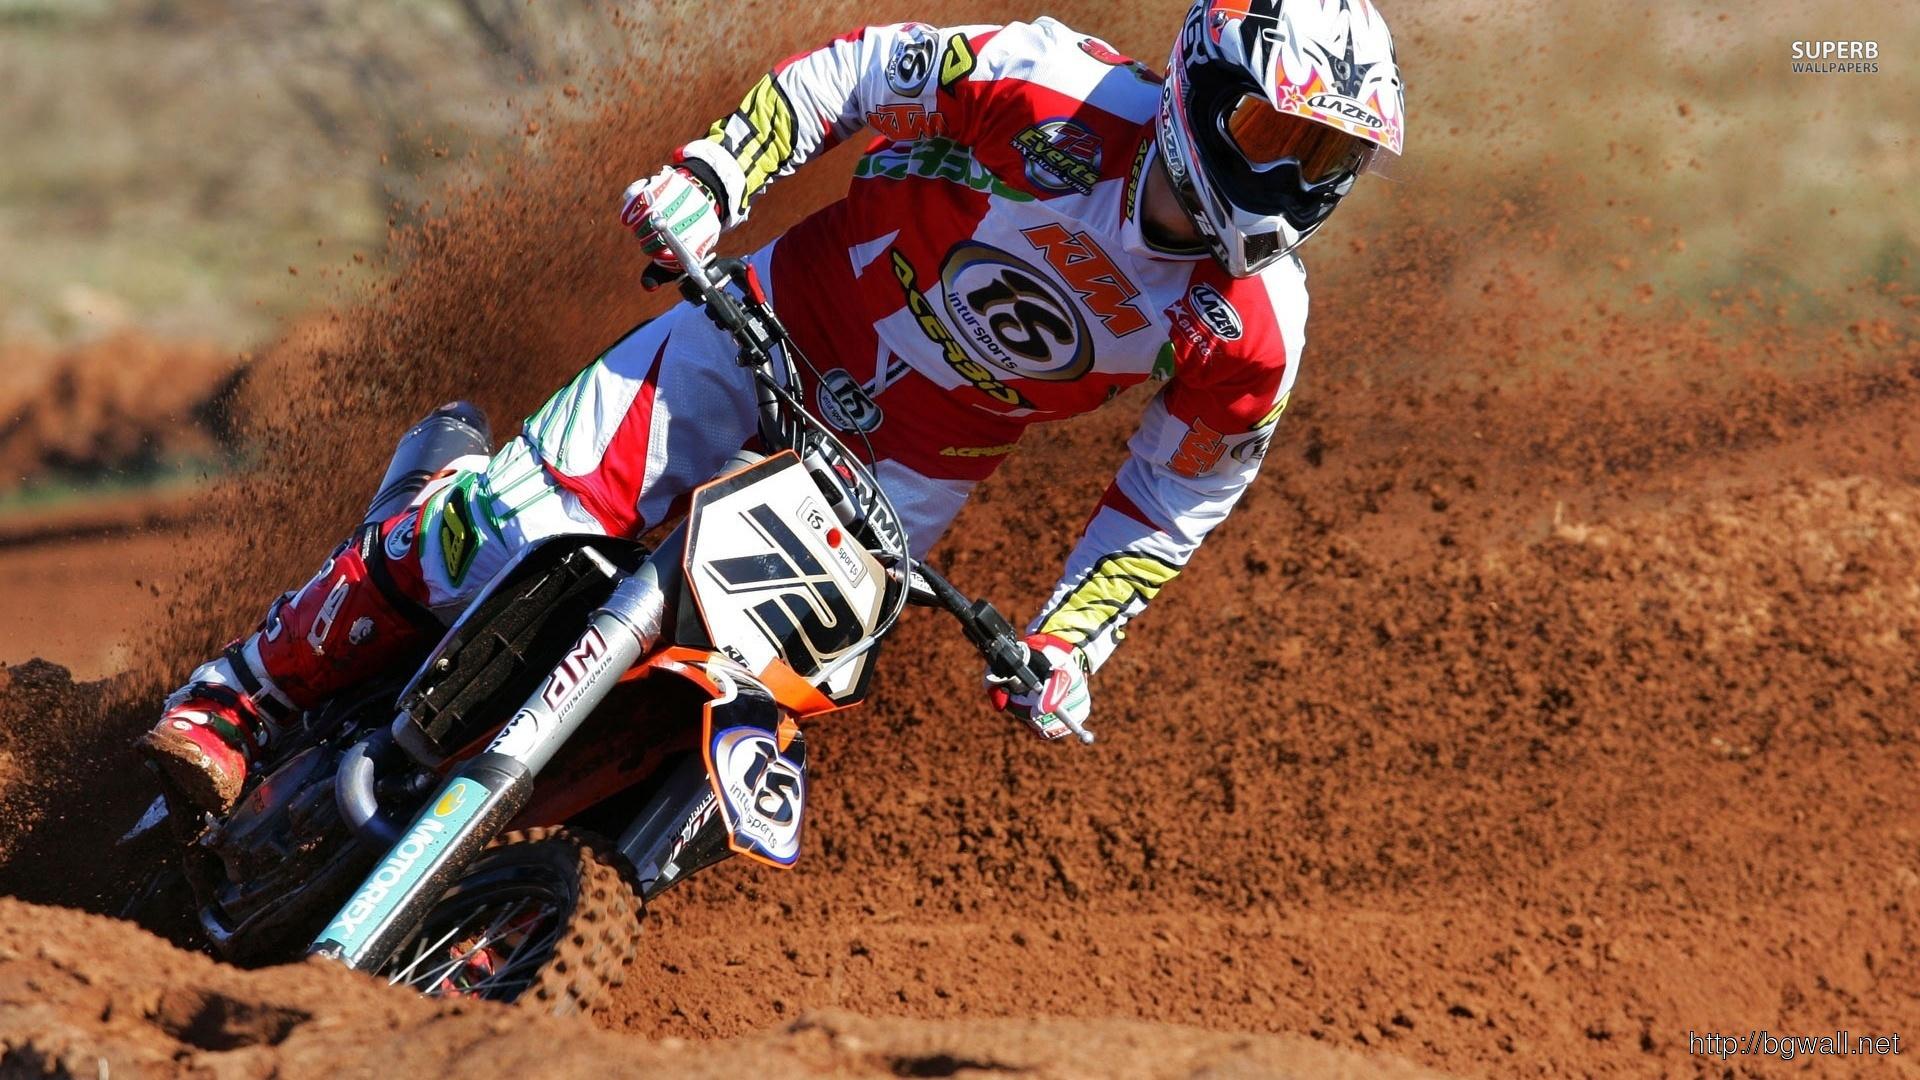 Ktm Motocross Wallpaper Full Size